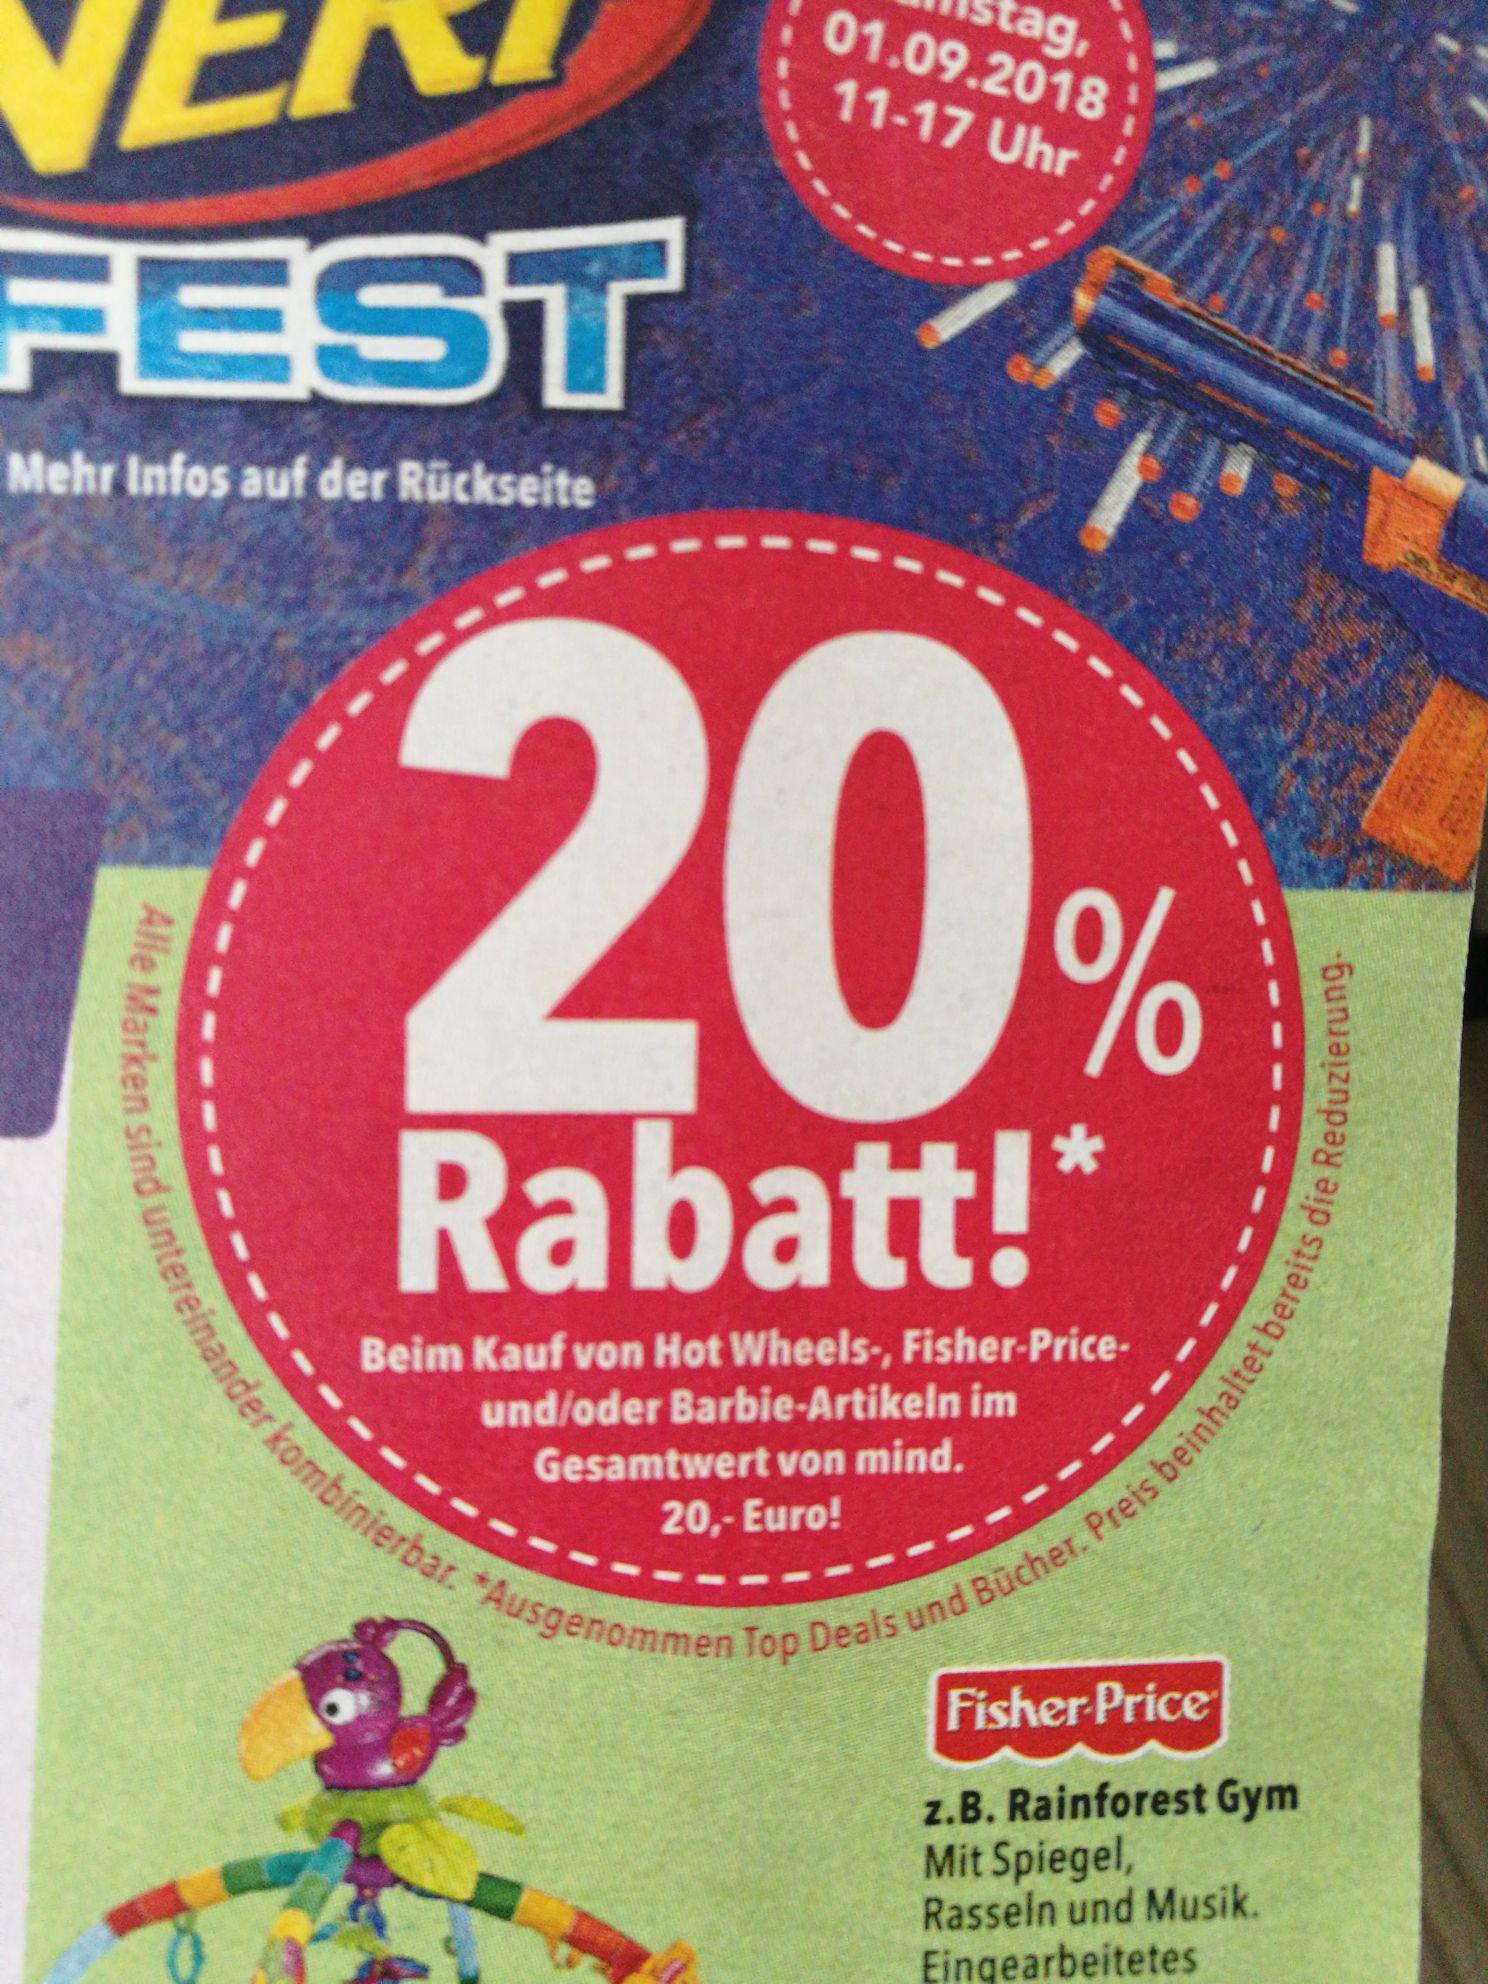 Toys R Us: 20% Rabatt ab 20€ Einkauf auf Hot Wheels, Fisher Price oder Barbie Artikel